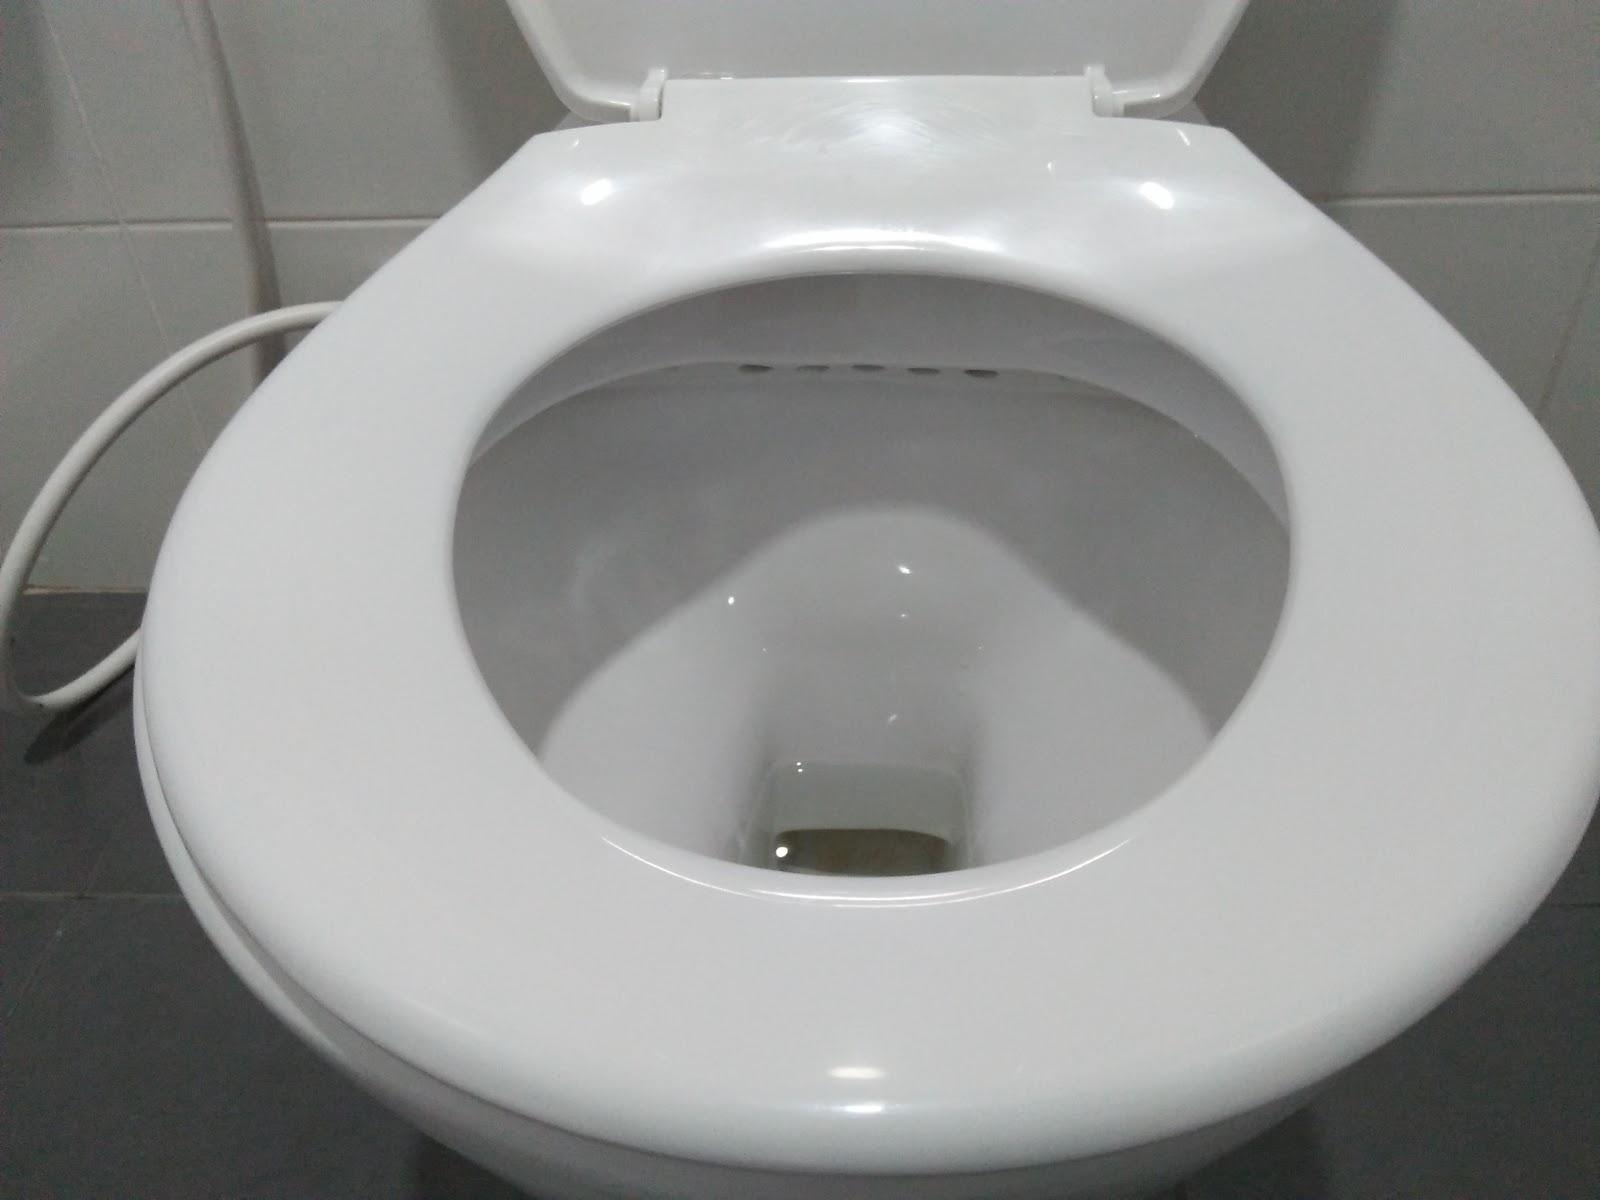 เรียนภาษาอังกฤษกับประโยค Please Flush After Use. : กรุณากดน้ำหลังจากเสร็จกิจ